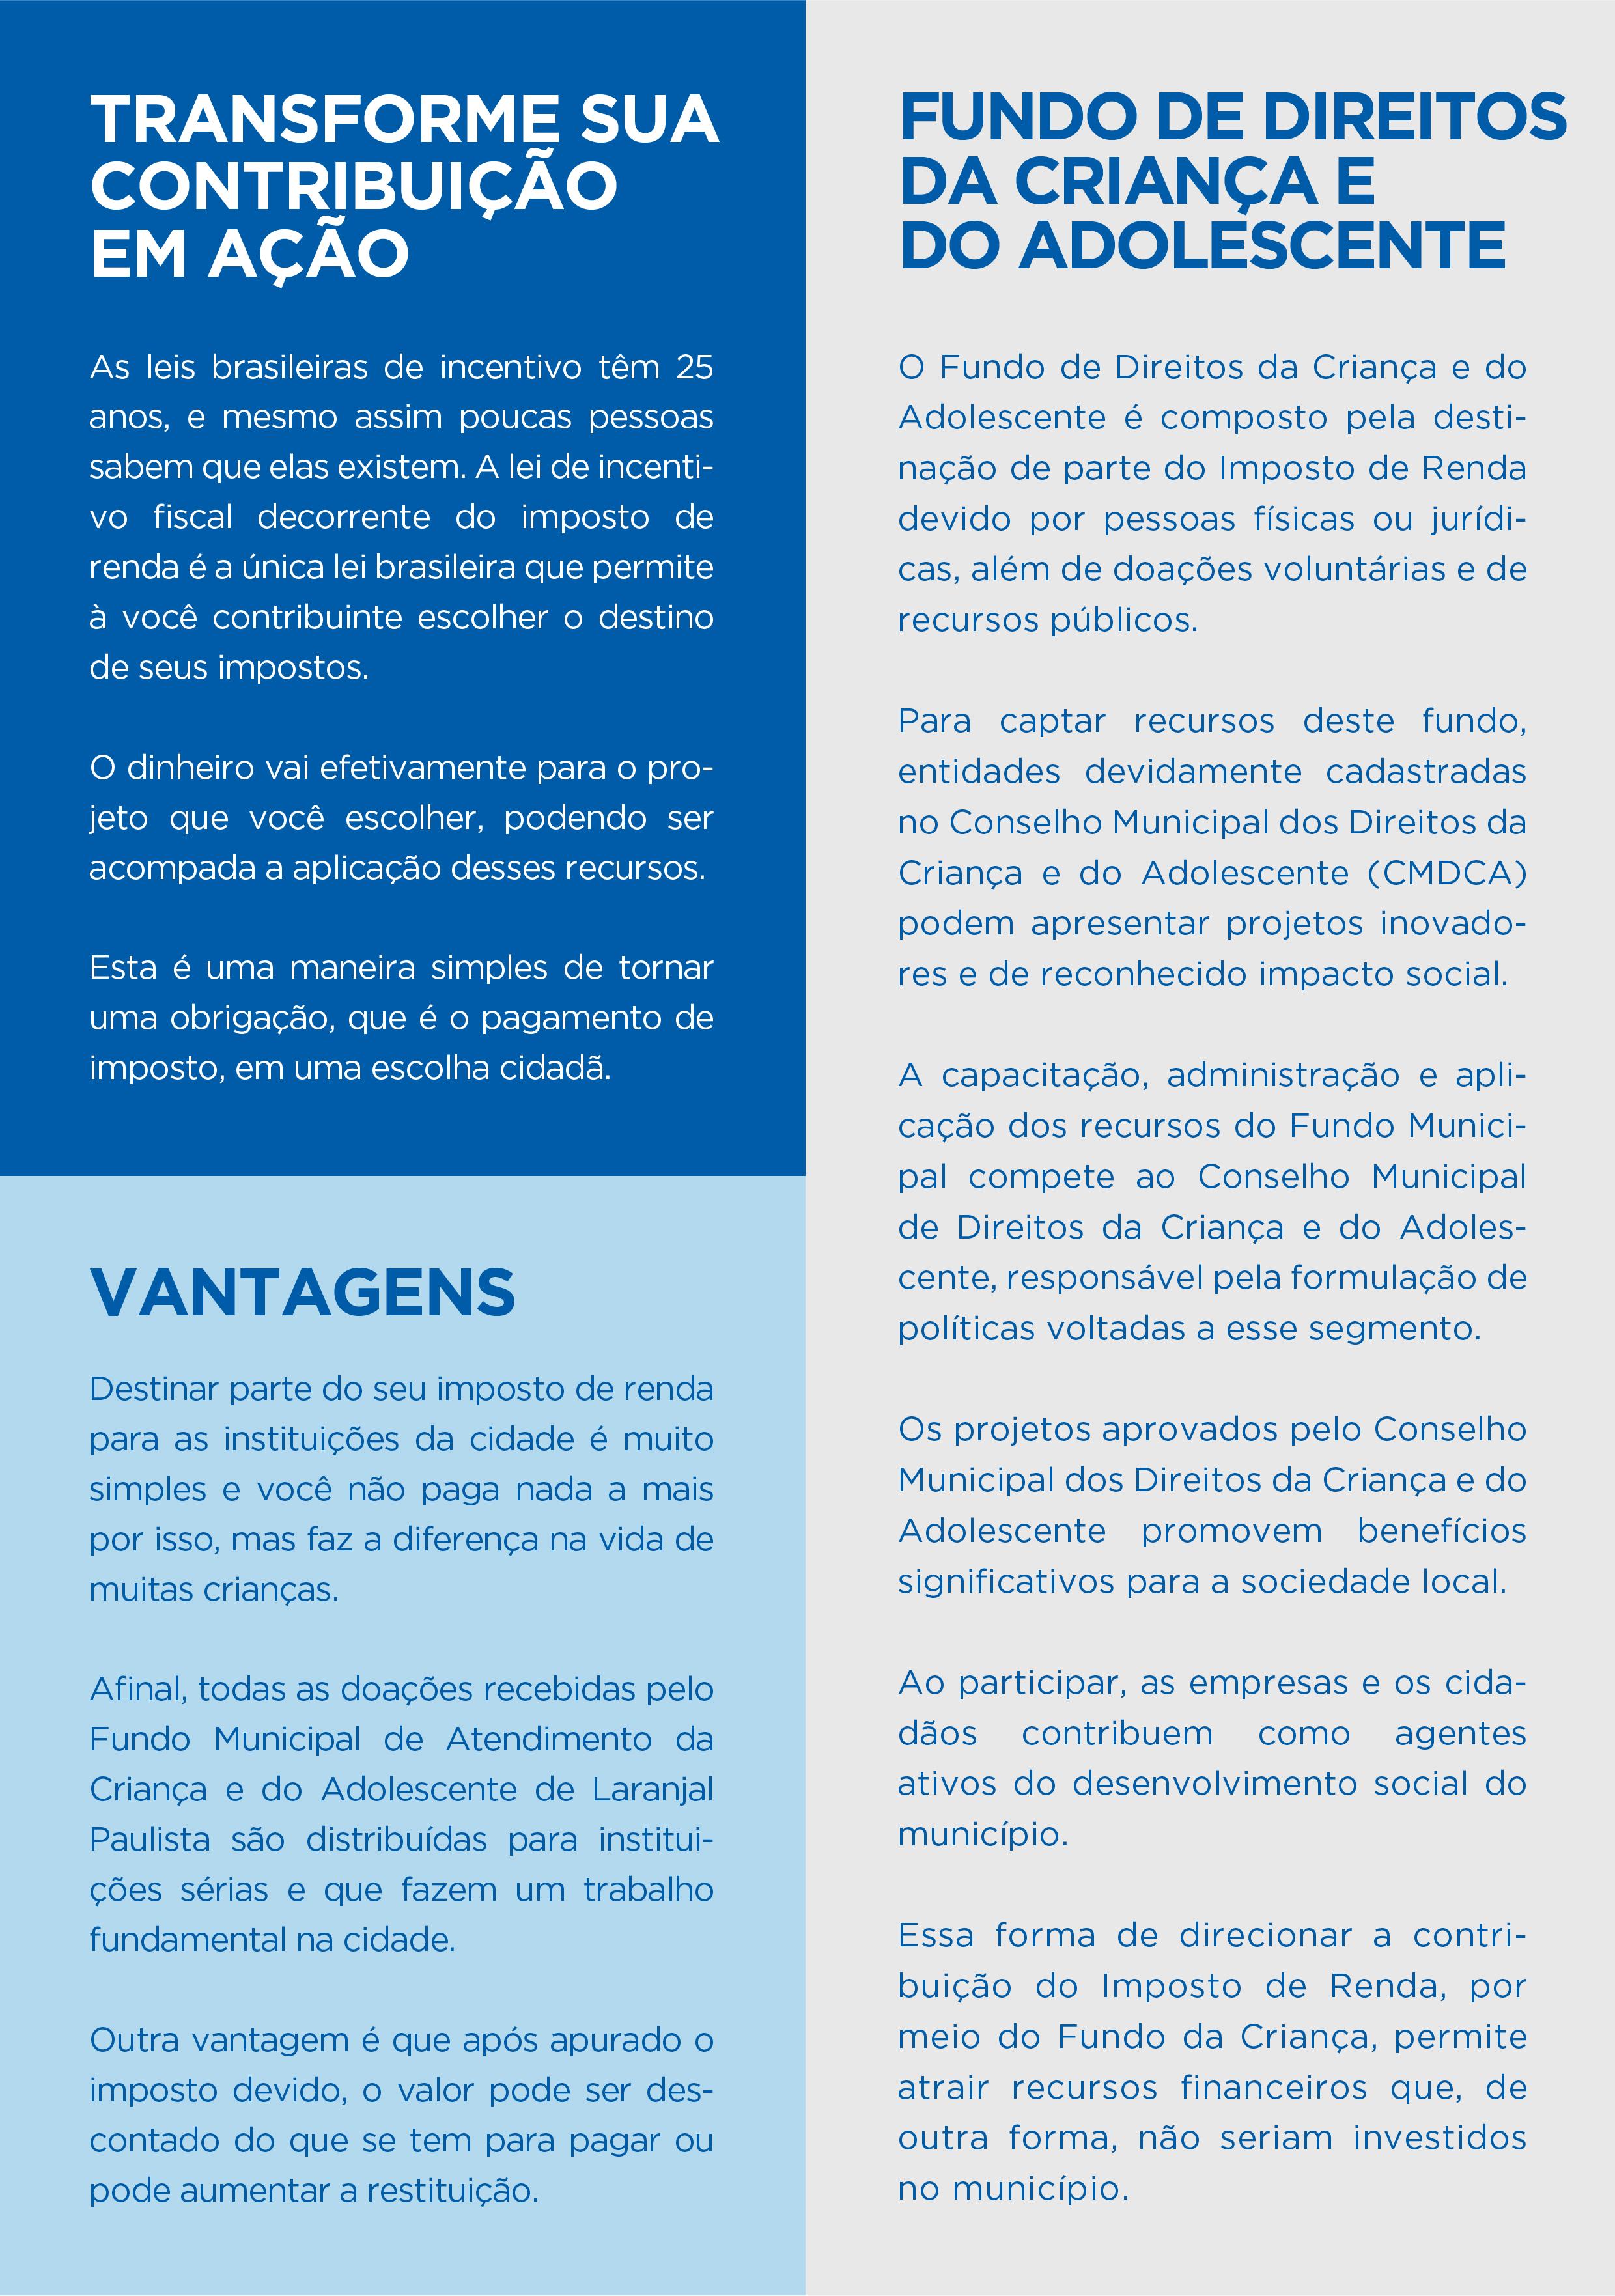 Que tal pensar em direcionar parte do Imposto de Renda para o Fundo Municipal dos Direitos da Criança e do Adolescente de Laranjal Paulista?